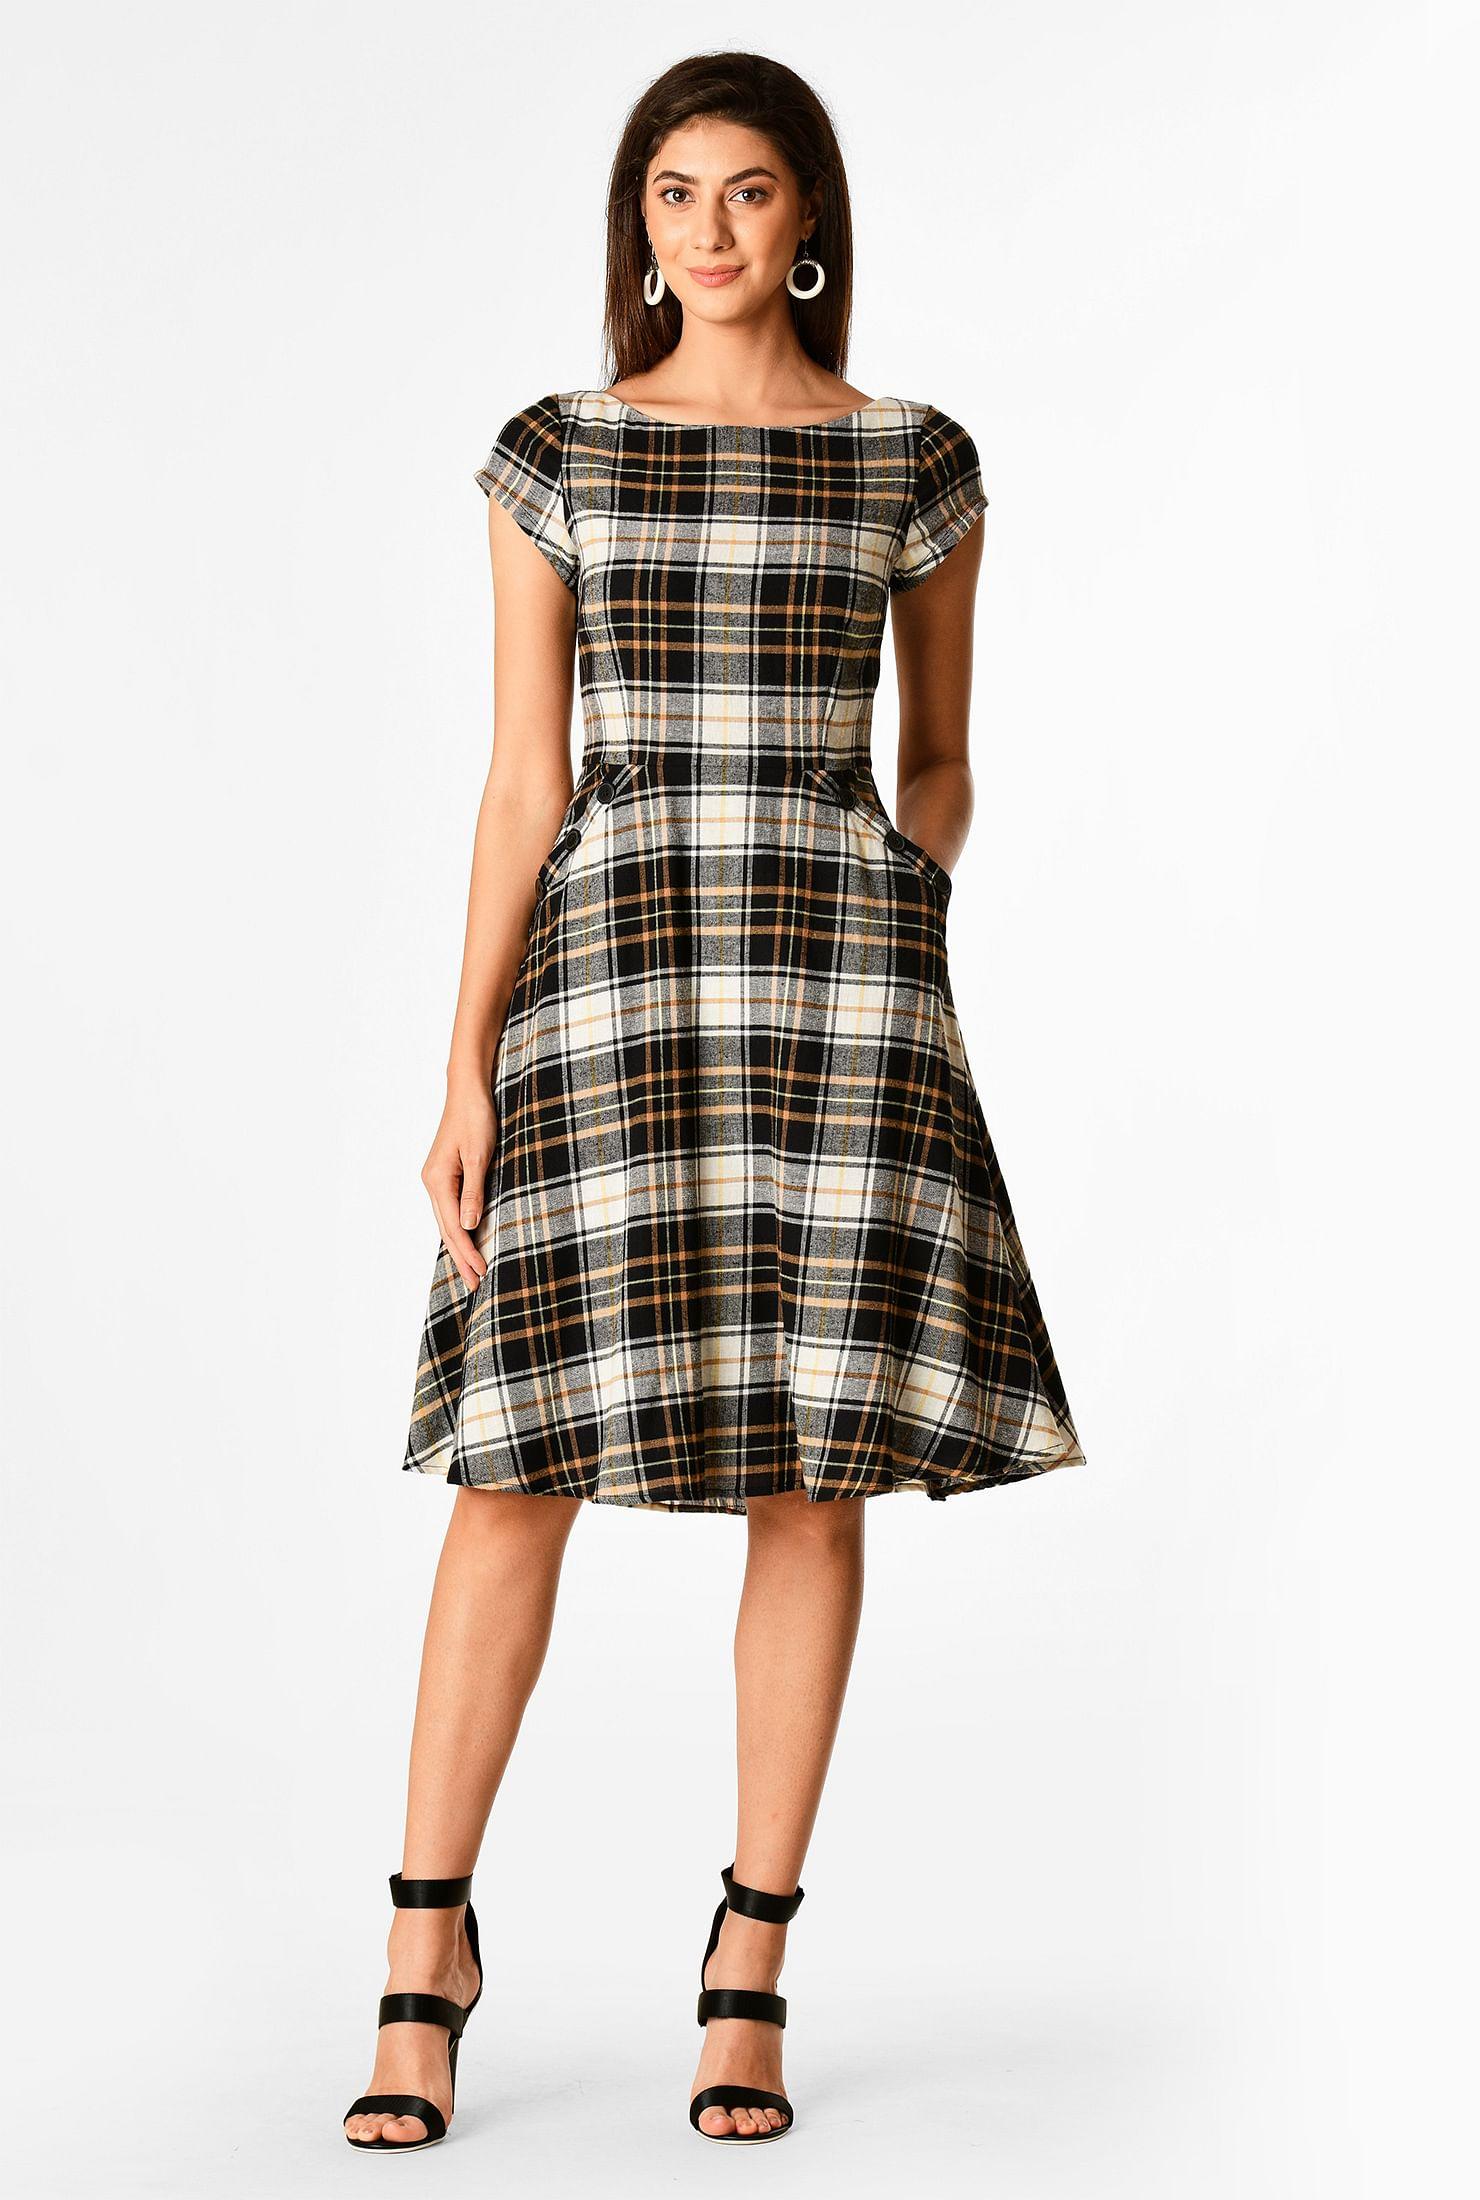 Large button pocket cotton plaid dress